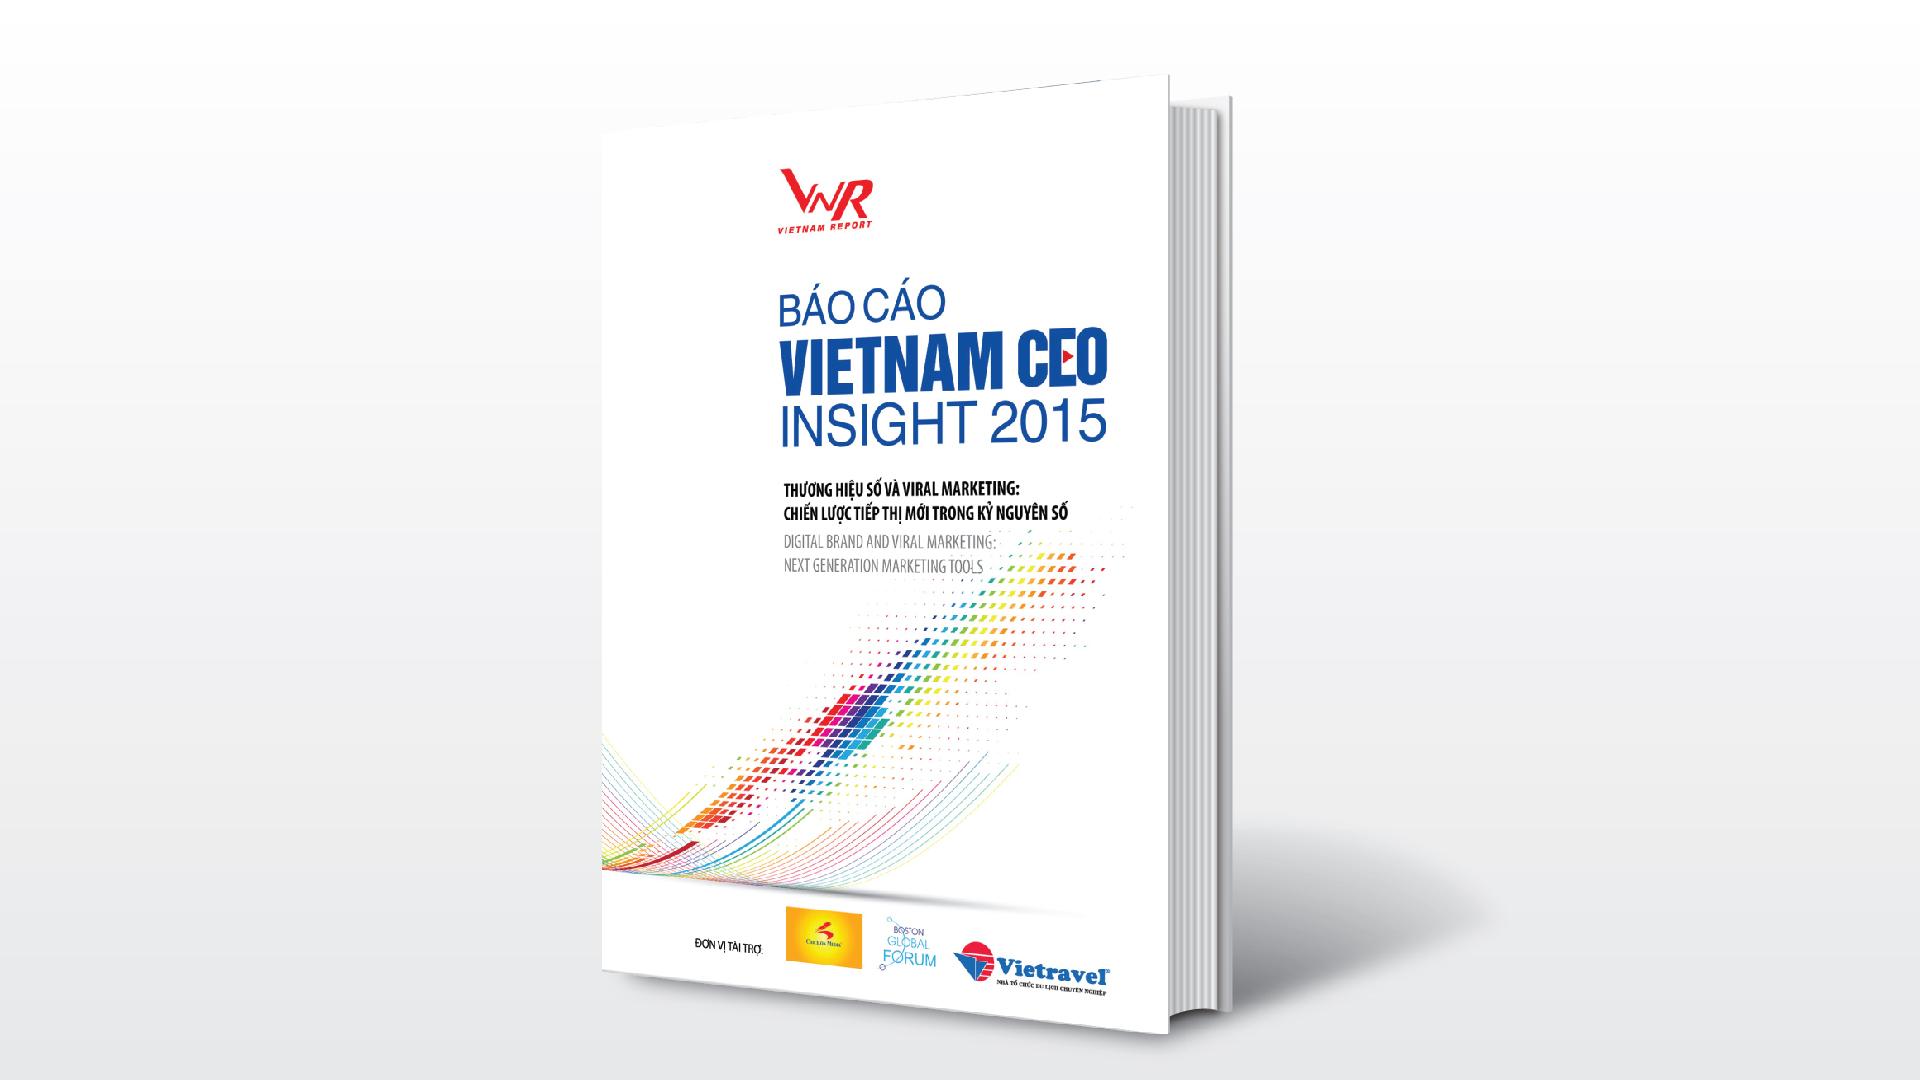 15/07/2015: 15/07/2015: Báo cáo thường niên Vietnam CEO Insight 2015: Thương hiệu số và Viral Marketing: Chiến lược tiếp thị mới trong kỷ nguyên số